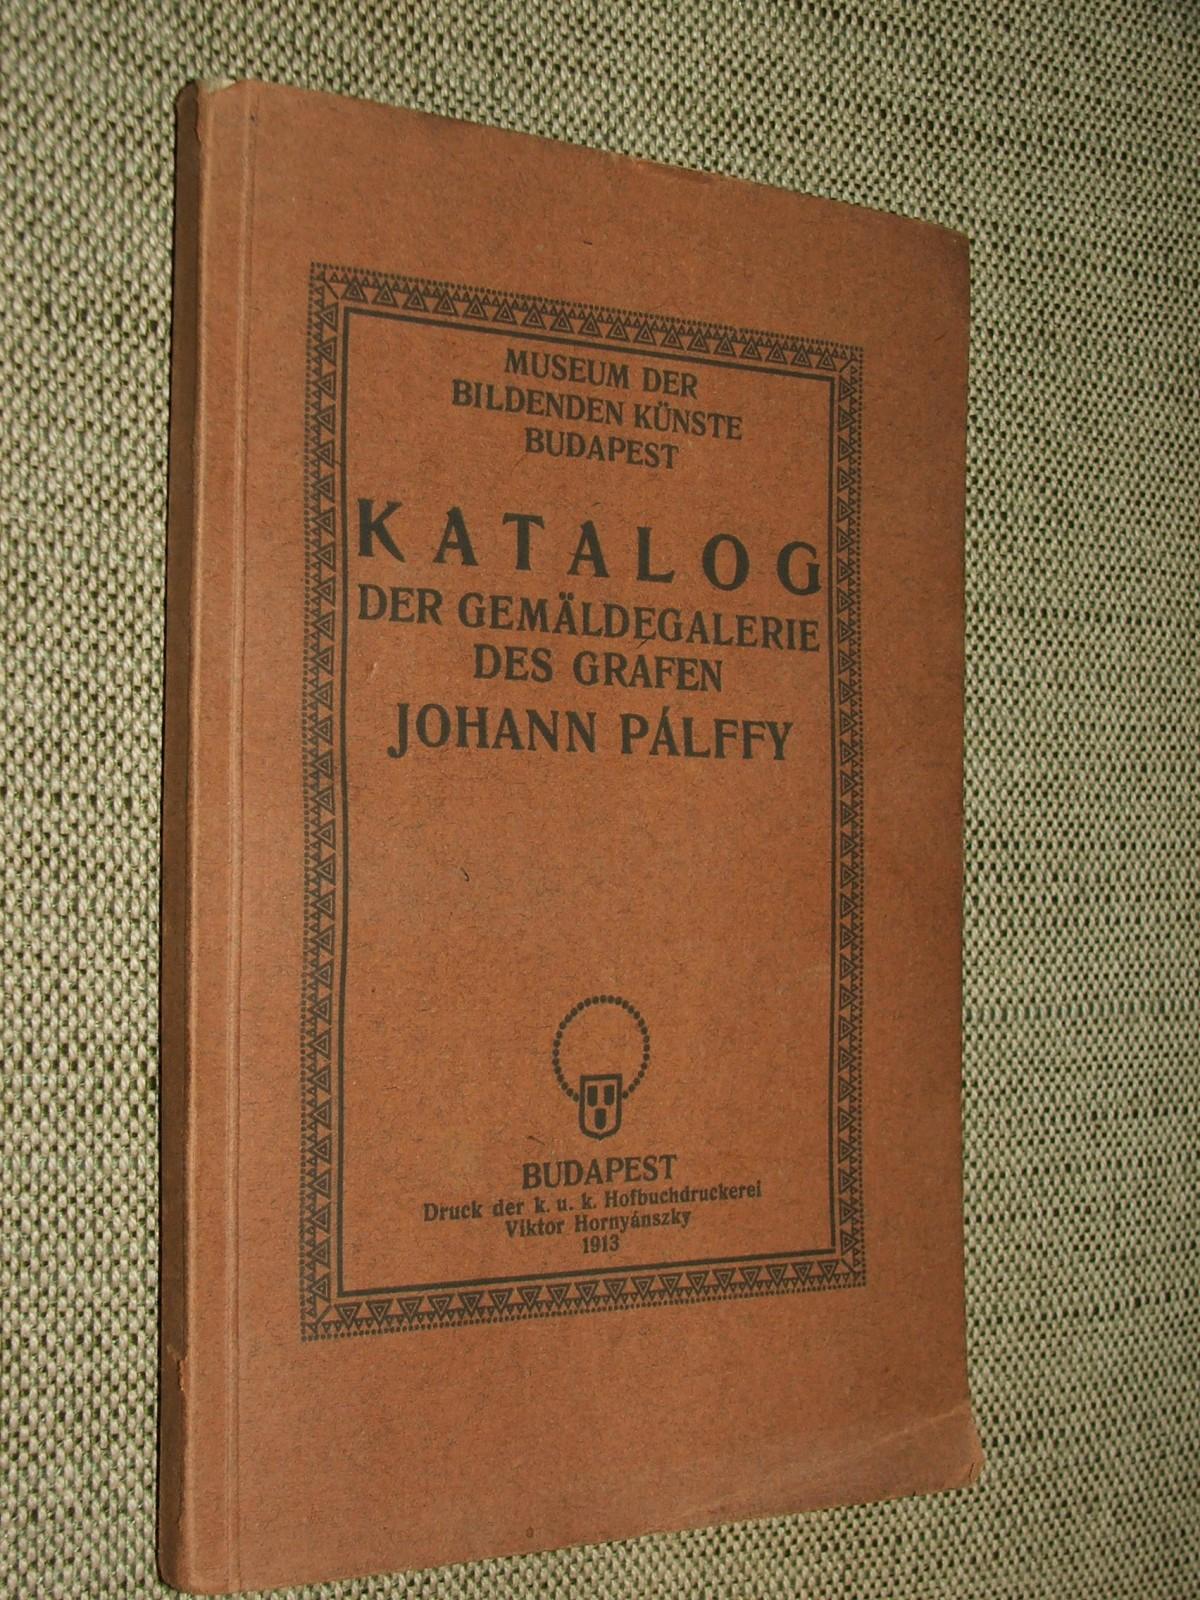 TÉREY, Gabriel (Gábor): Katalog der Gemäldegalerie des Grafen Johann Pálffy